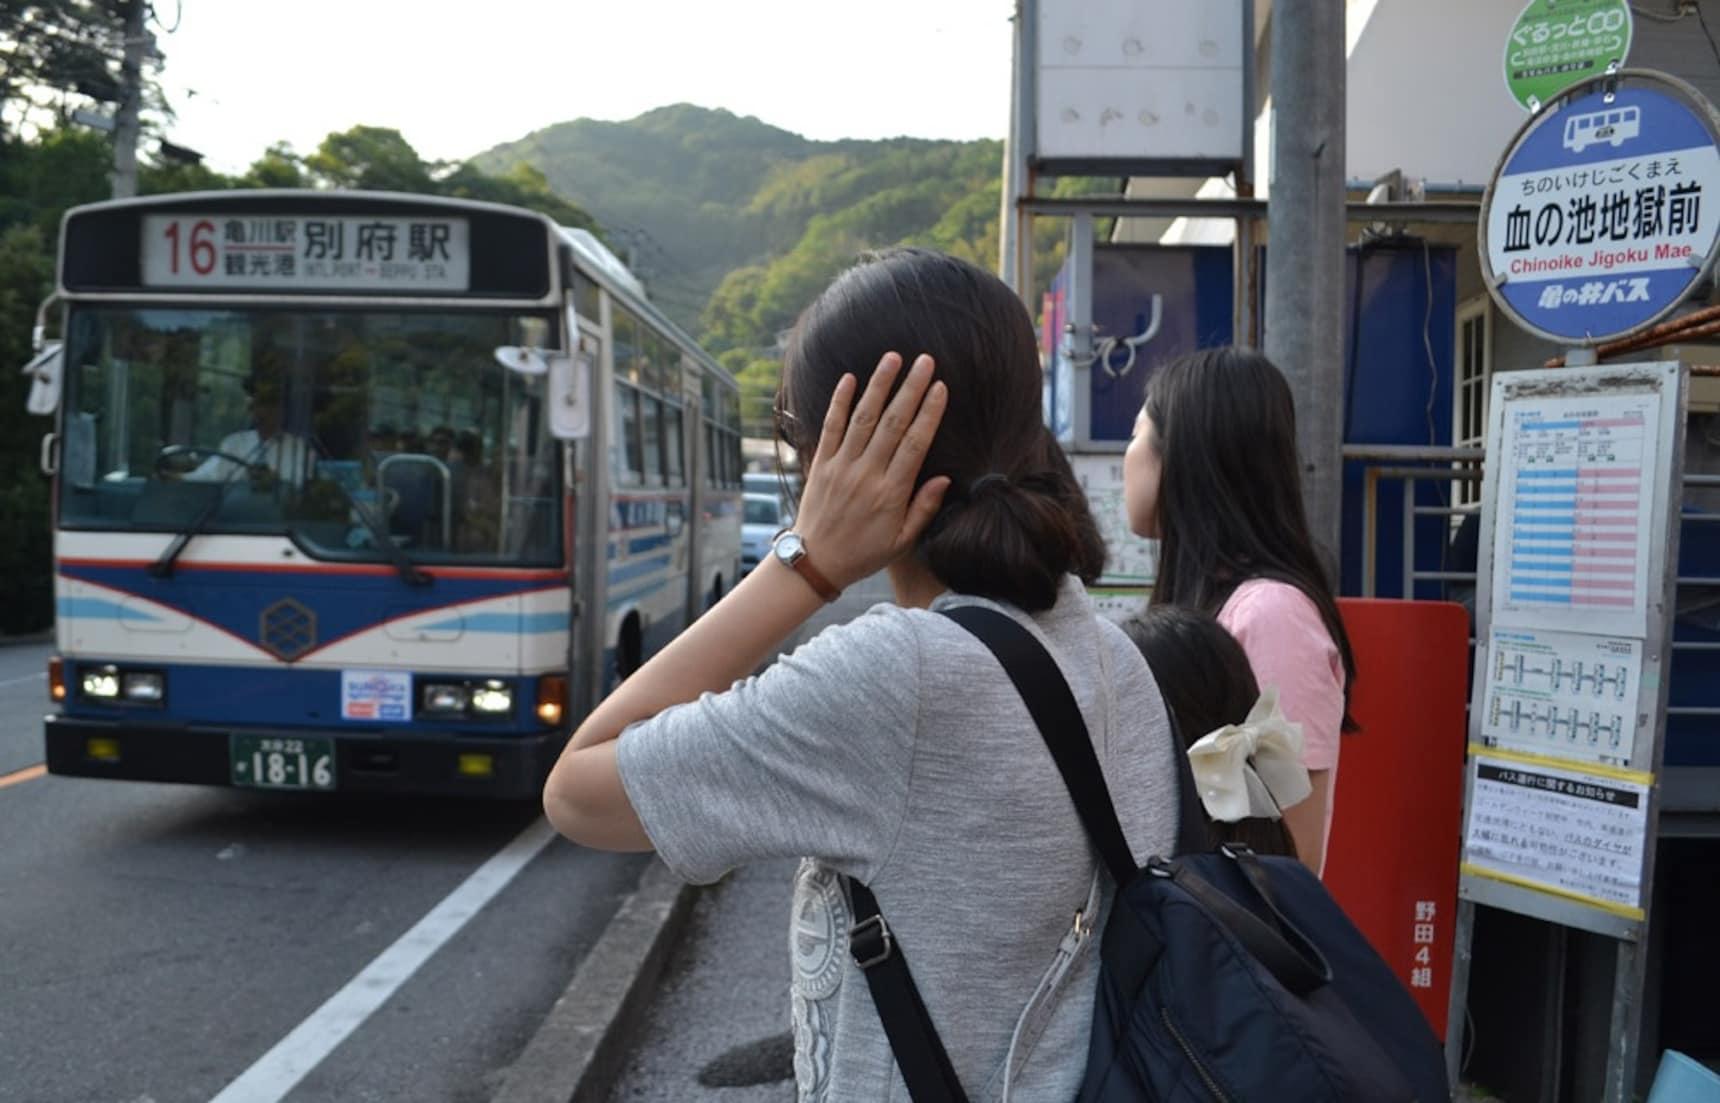 วิธีขึ้นรถบัสประจำทางในญี่ปุ่น